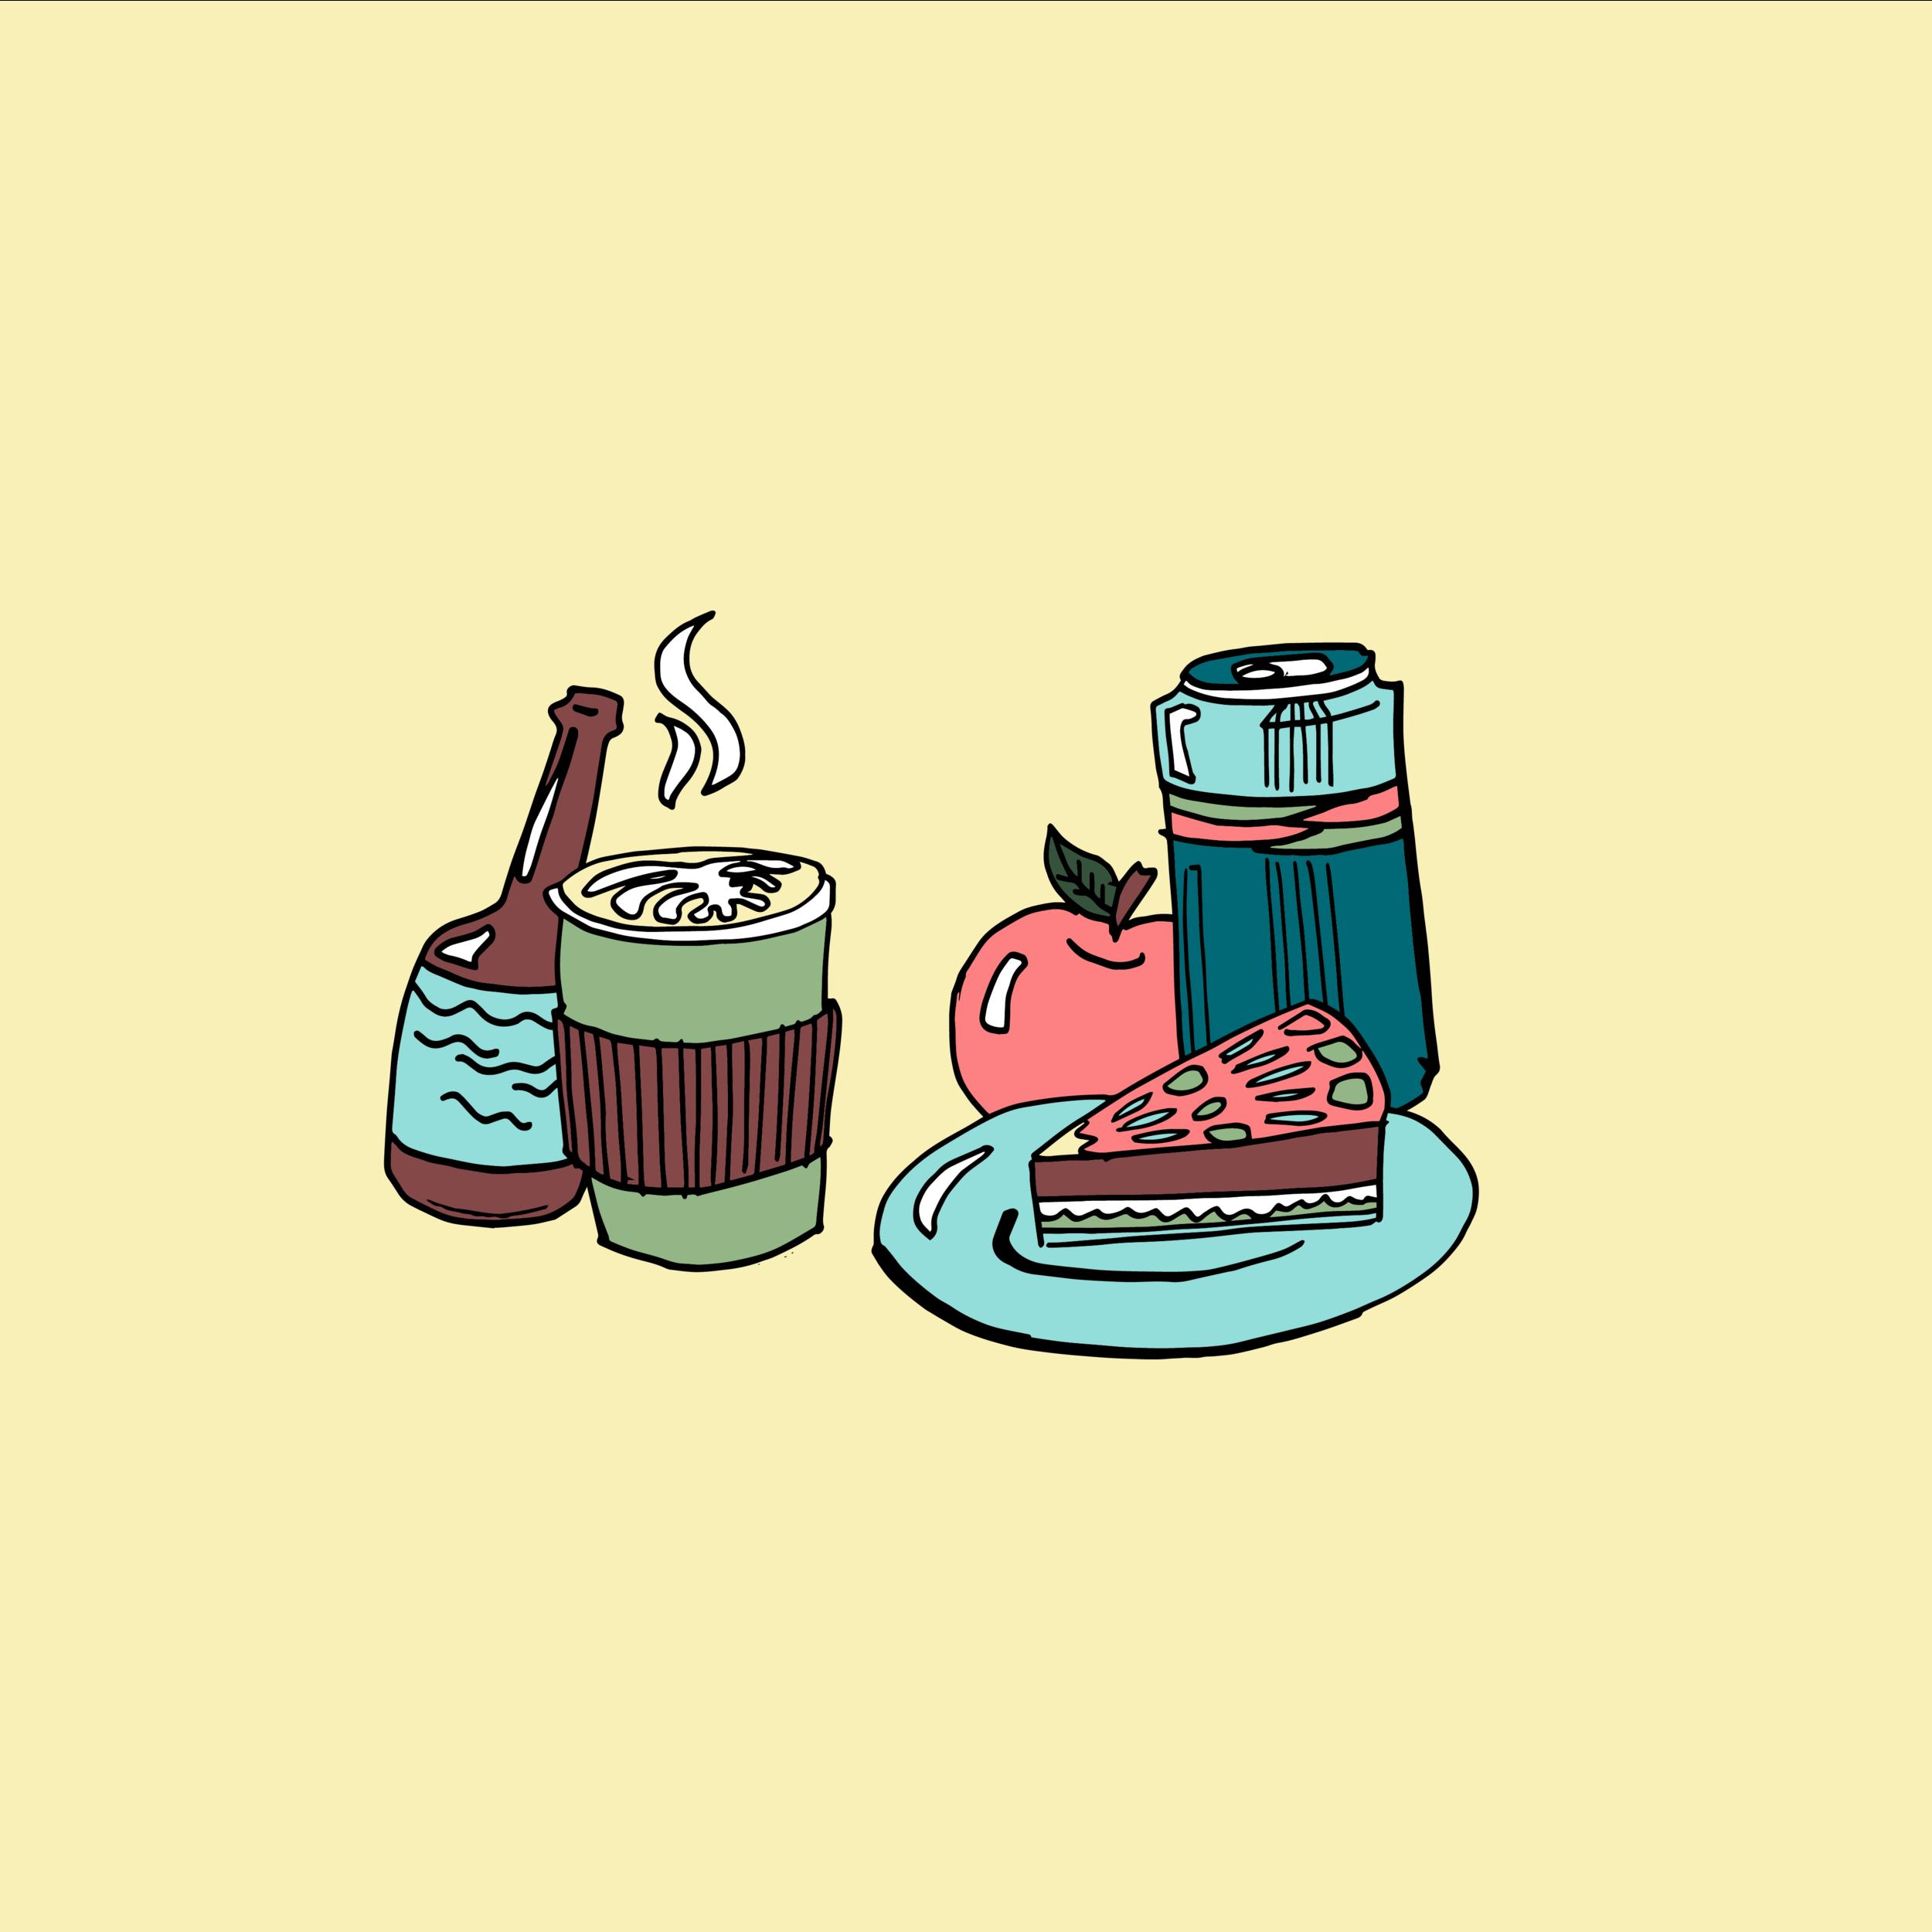 Verpflegung - Food vom Wagen zum GlückKaffee und Kuchen von Kaffeekutsche